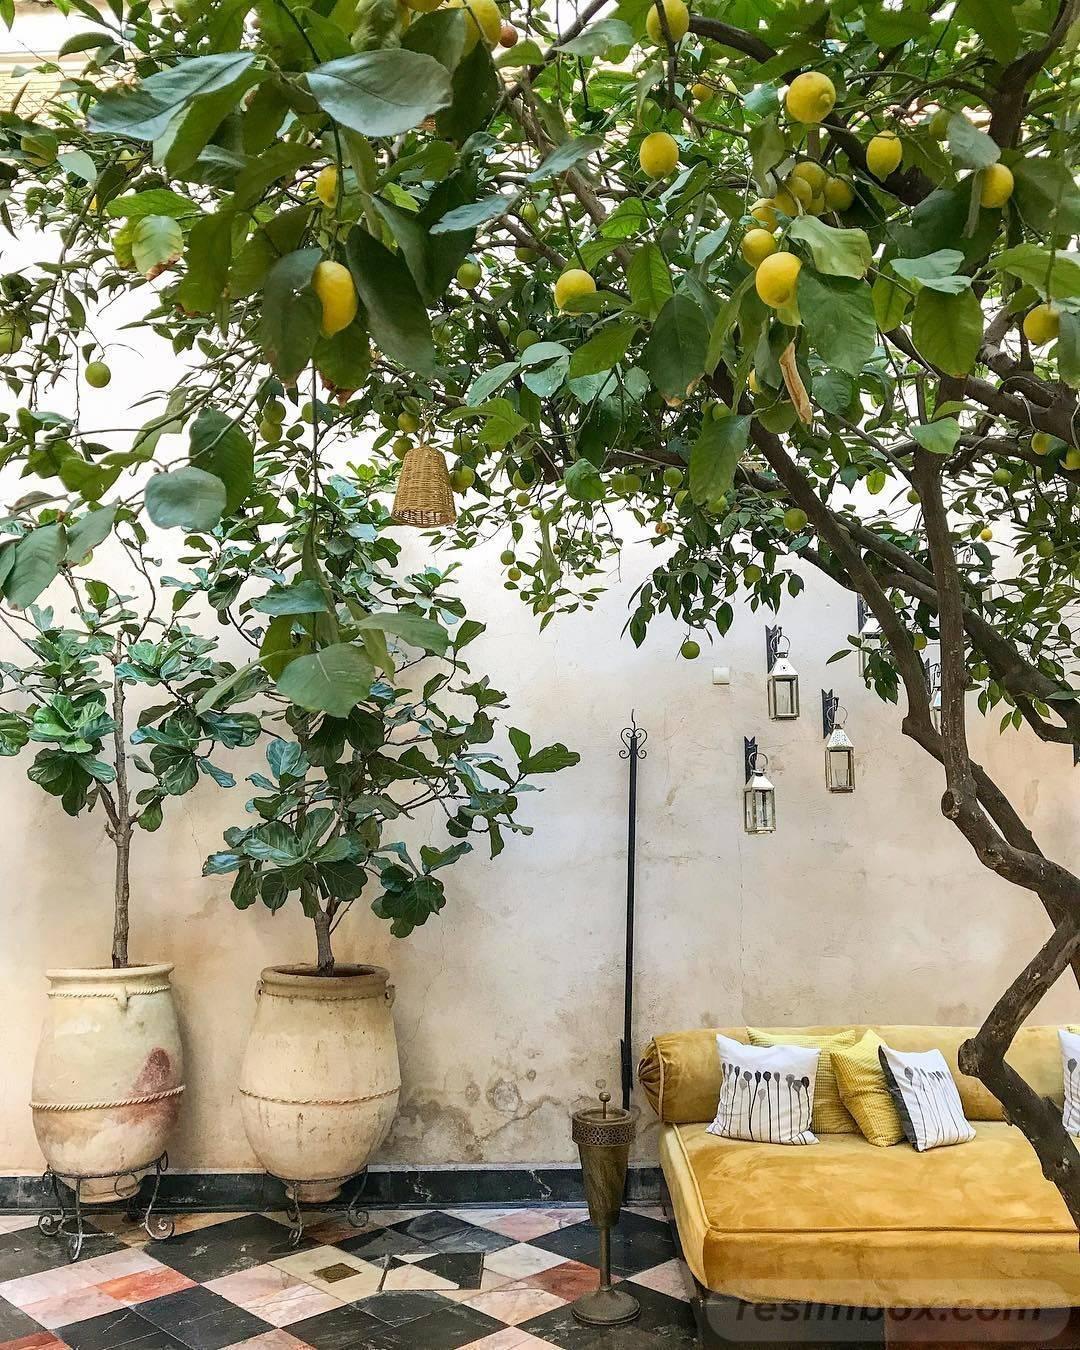 tropical garden ideas-246149935870373764